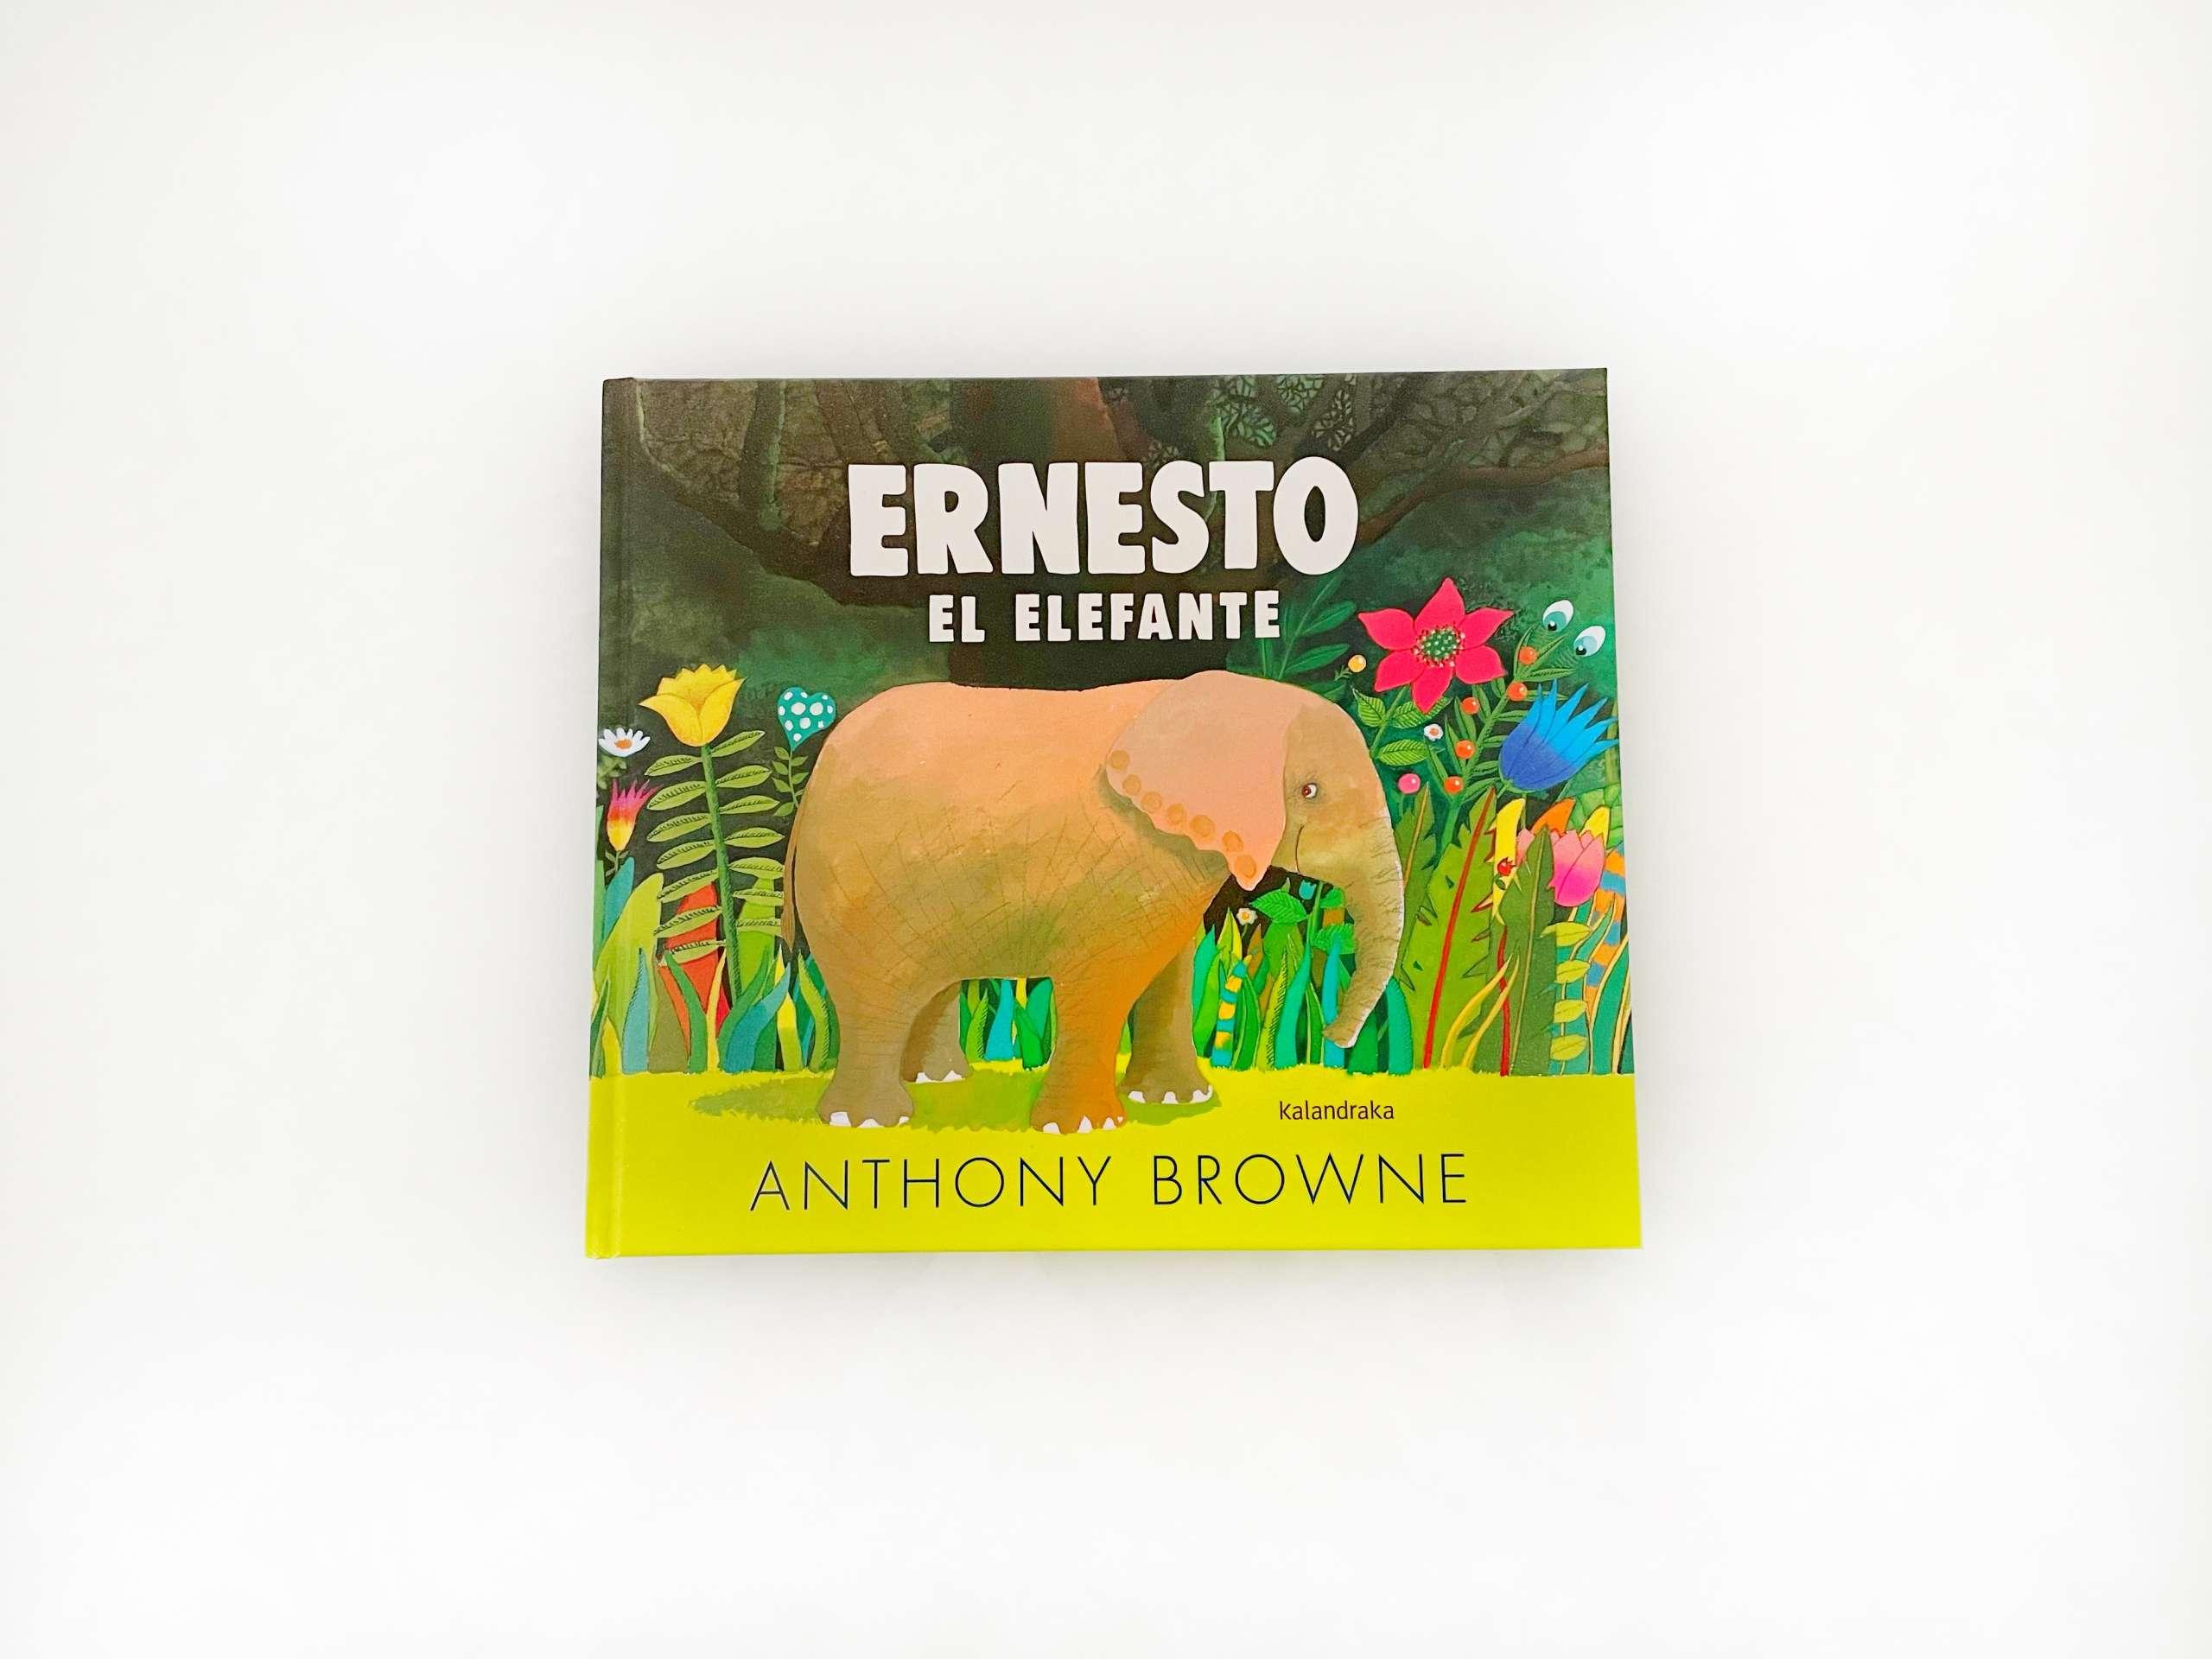 Ernesto el elefante